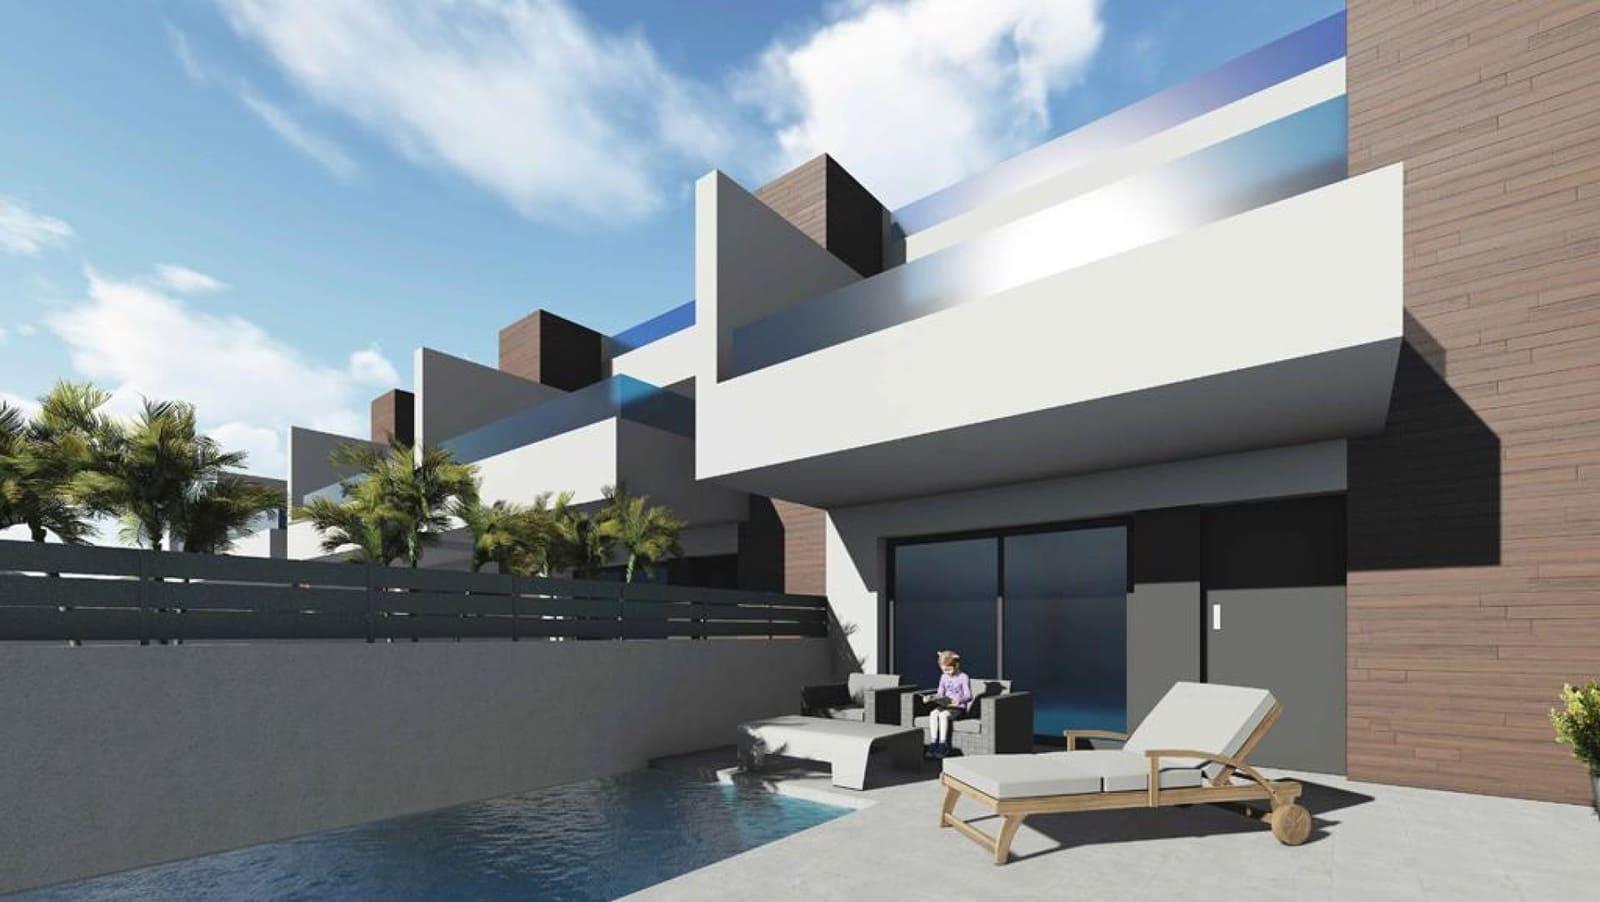 Casa de 3 habitaciones en Benijófar en venta con piscina - 225.000 € (Ref: 5105764)